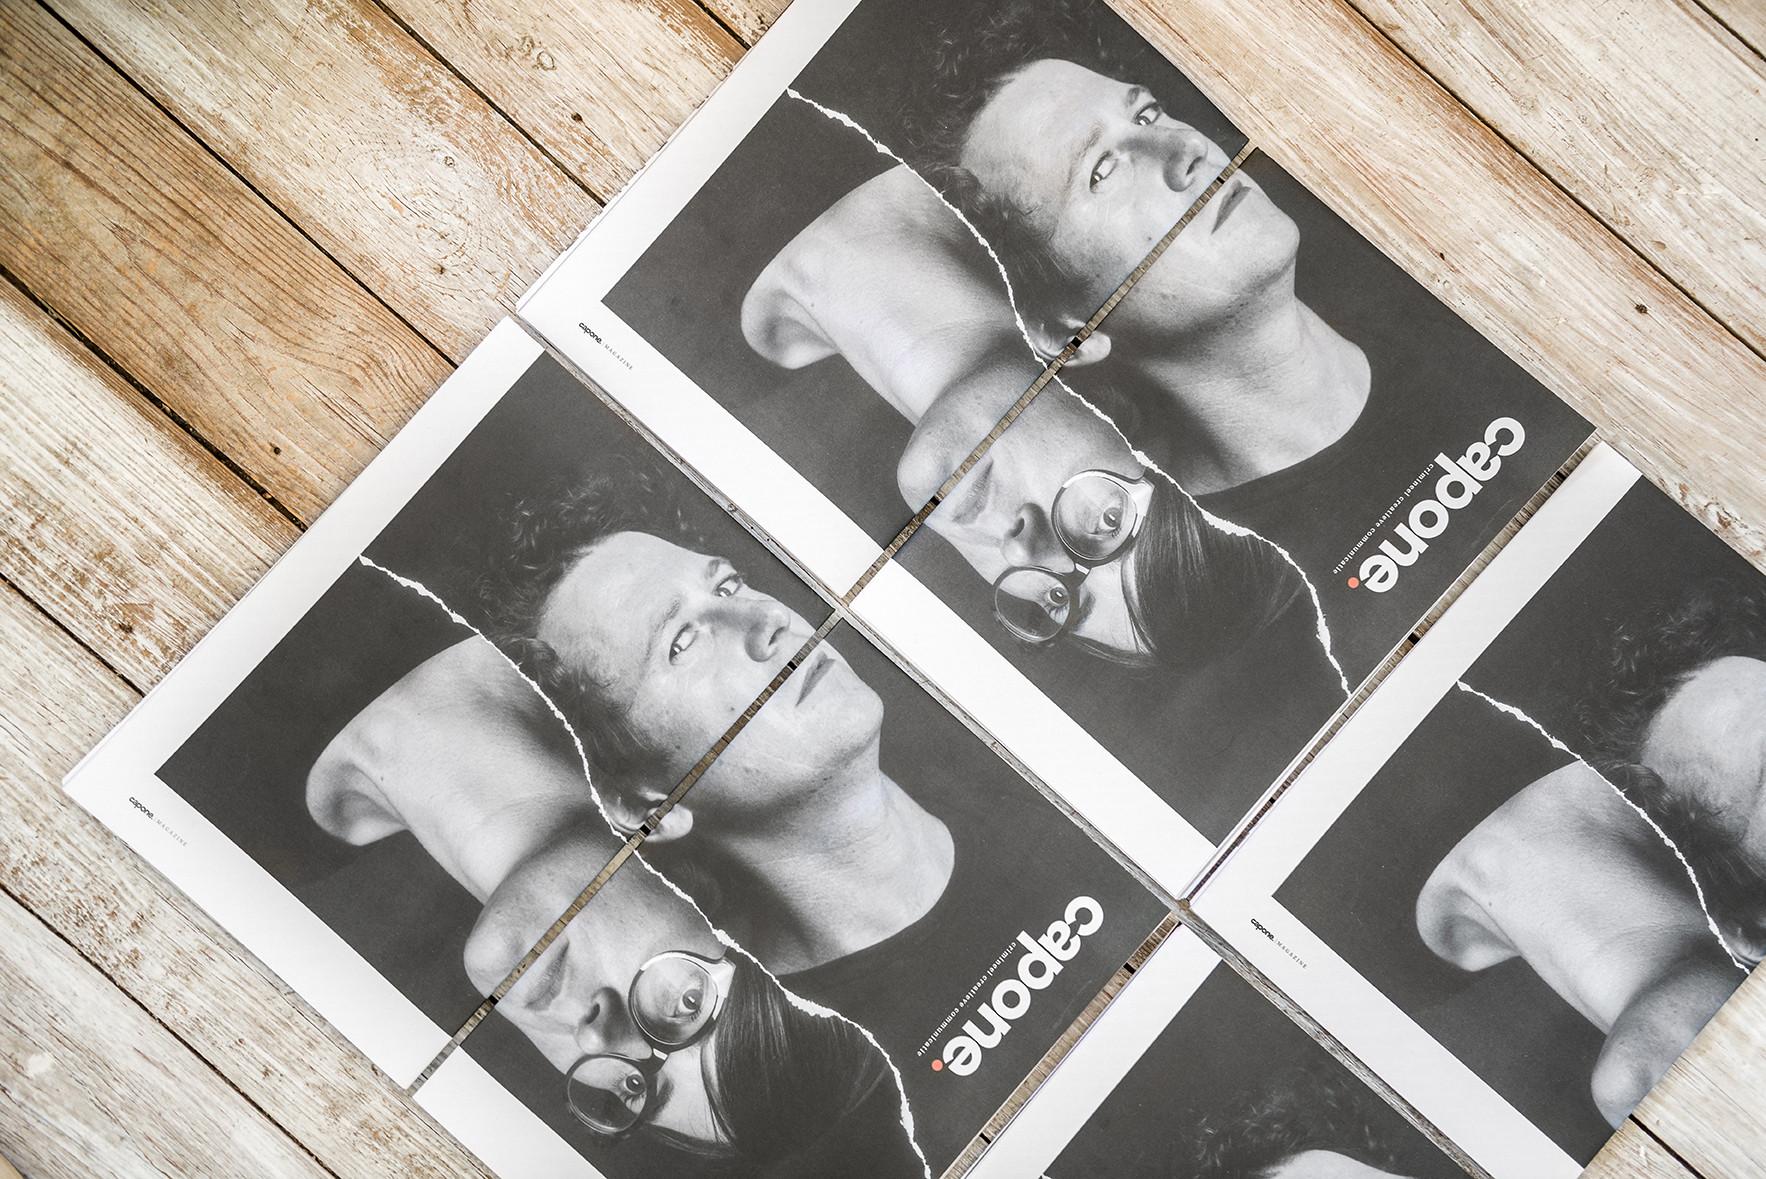 Enkele Capone-magazines. Ook zin om een bedrijfsmagazine te maken? Shoot@capone.be!